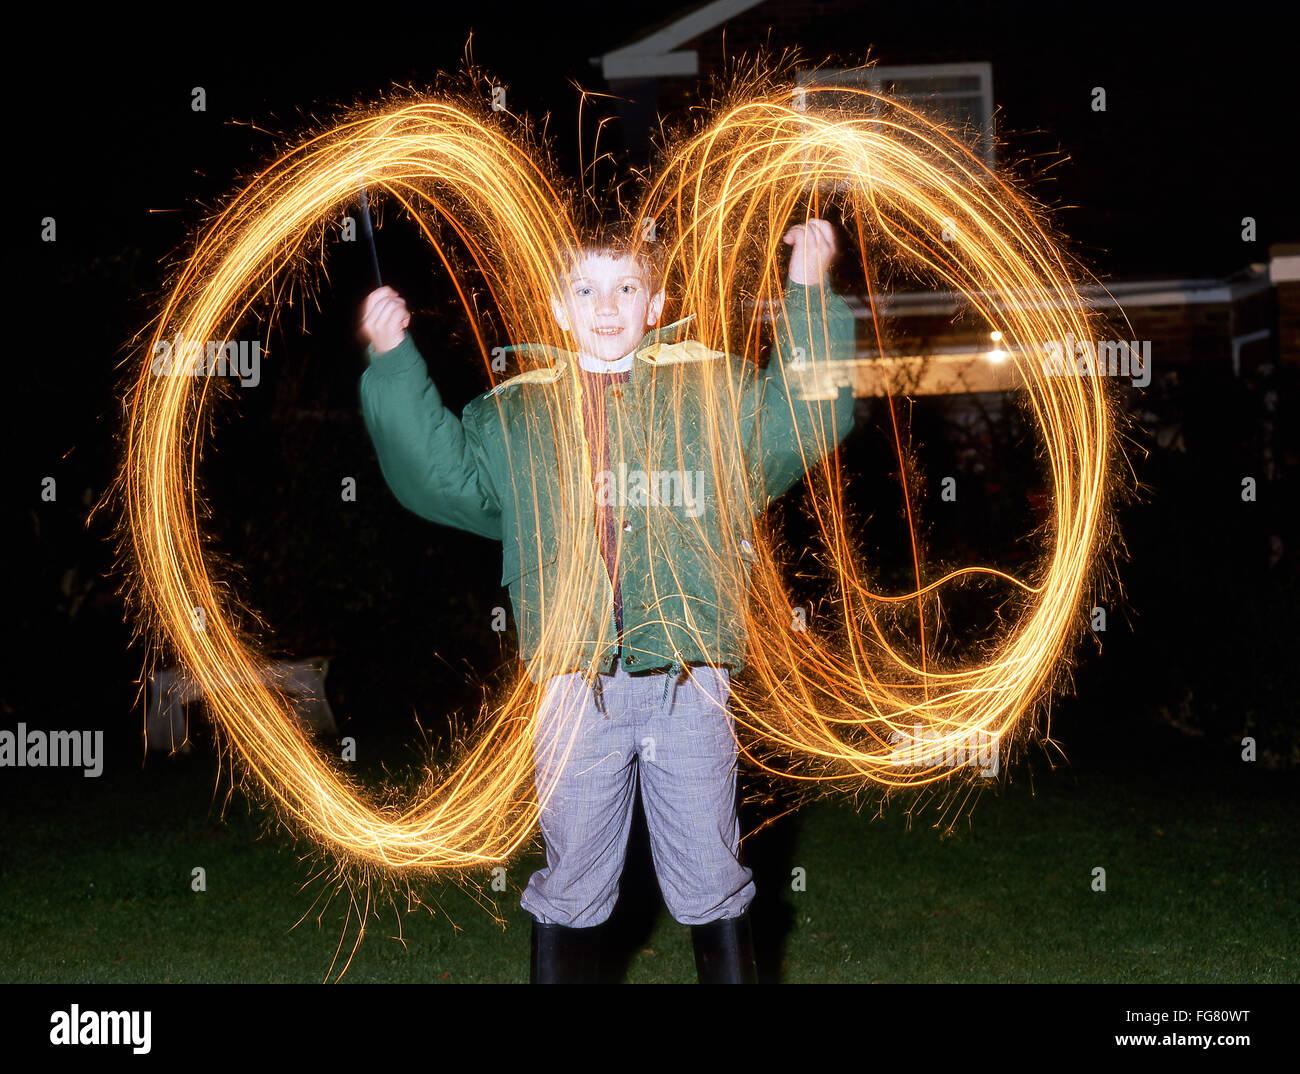 Jeune garçon faisant cercles avec cierges sur Nuit d'artifice, Berkshire, Angleterre, Royaume-Uni Photo Stock